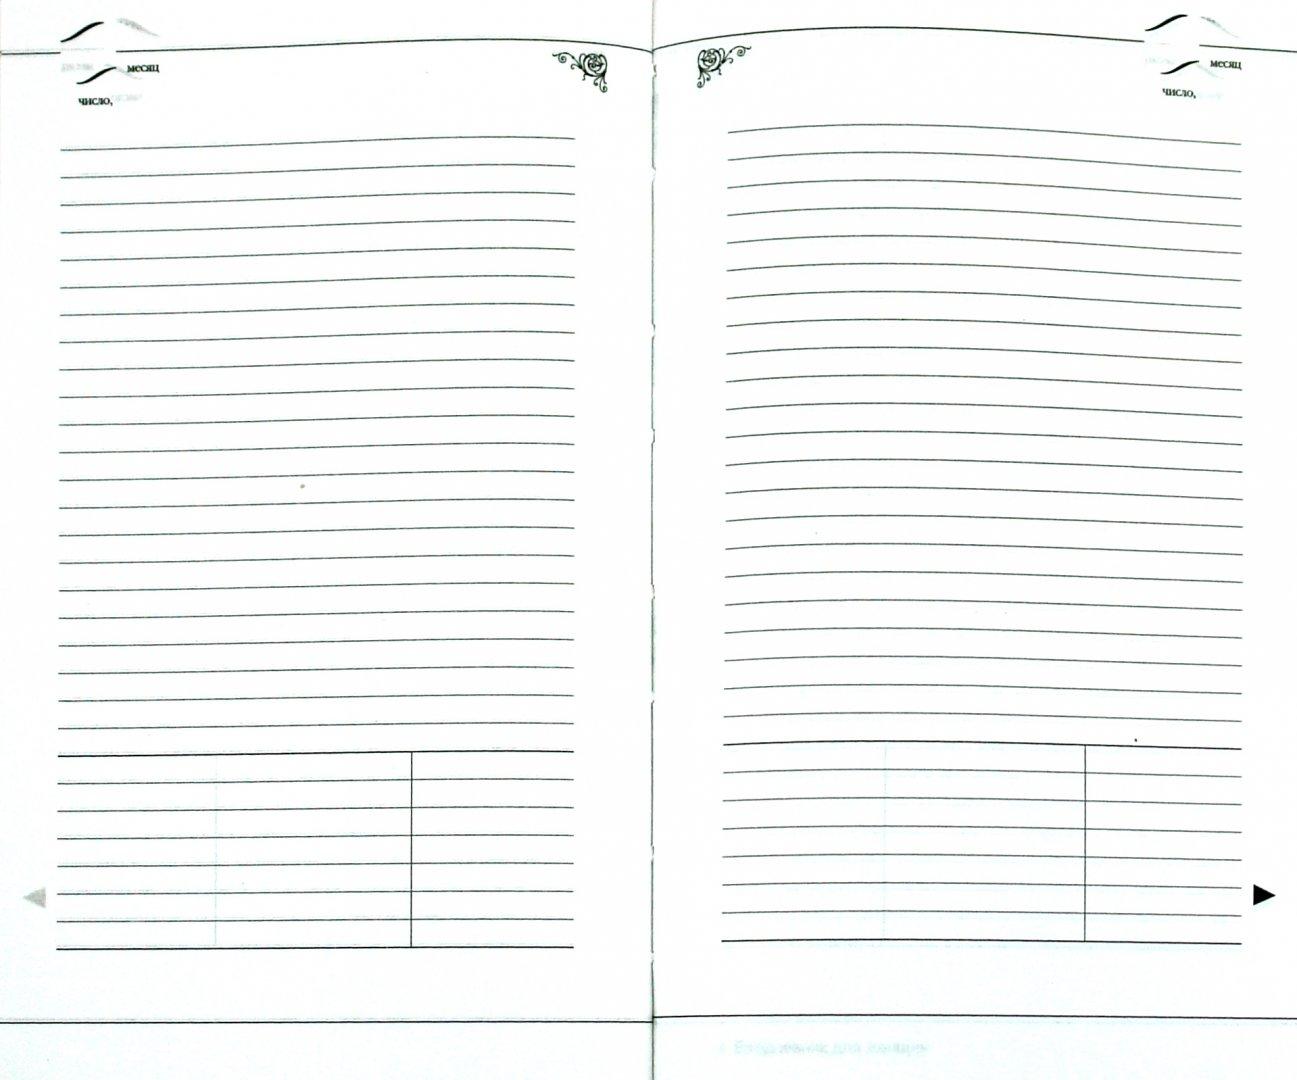 Иллюстрация 1 из 16 для Ежедневник для женщин А5 (3-419/05) | Лабиринт - канцтовы. Источник: Лабиринт